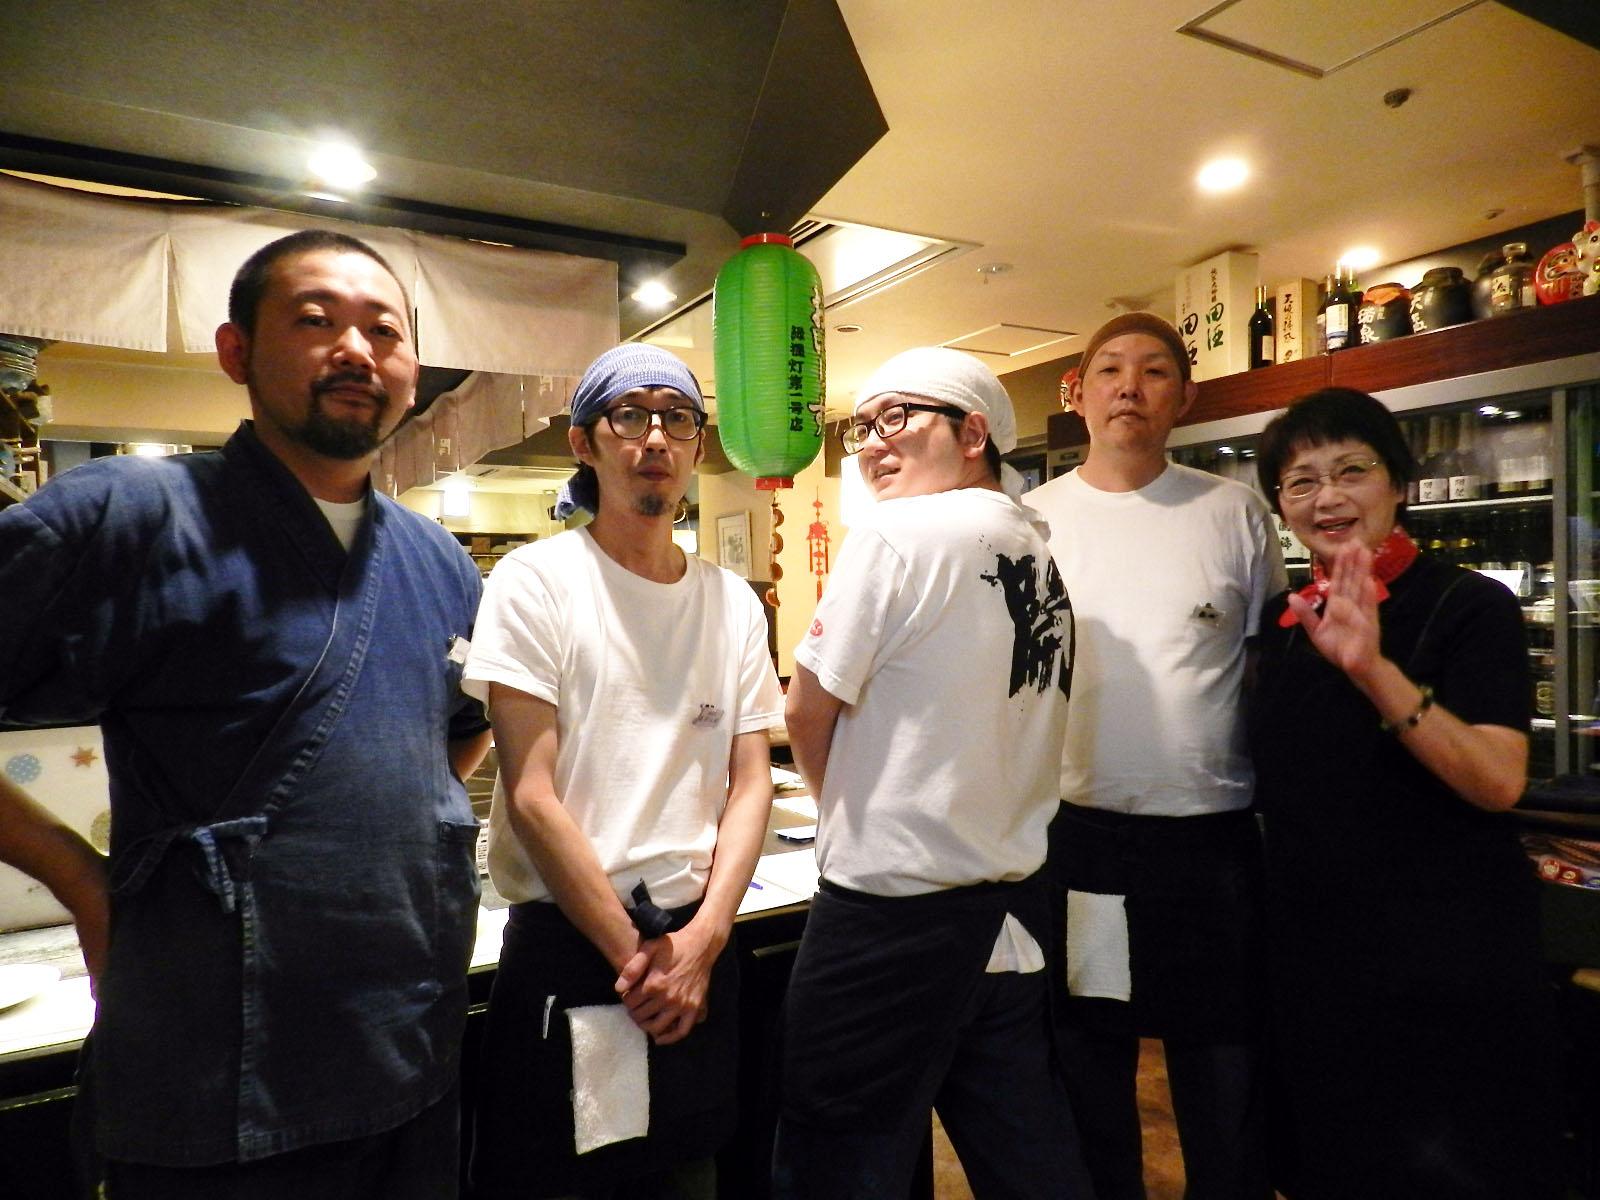 9月11日 札幌的餐厅 牡蛎专门店 开(人气店 店员的照片)